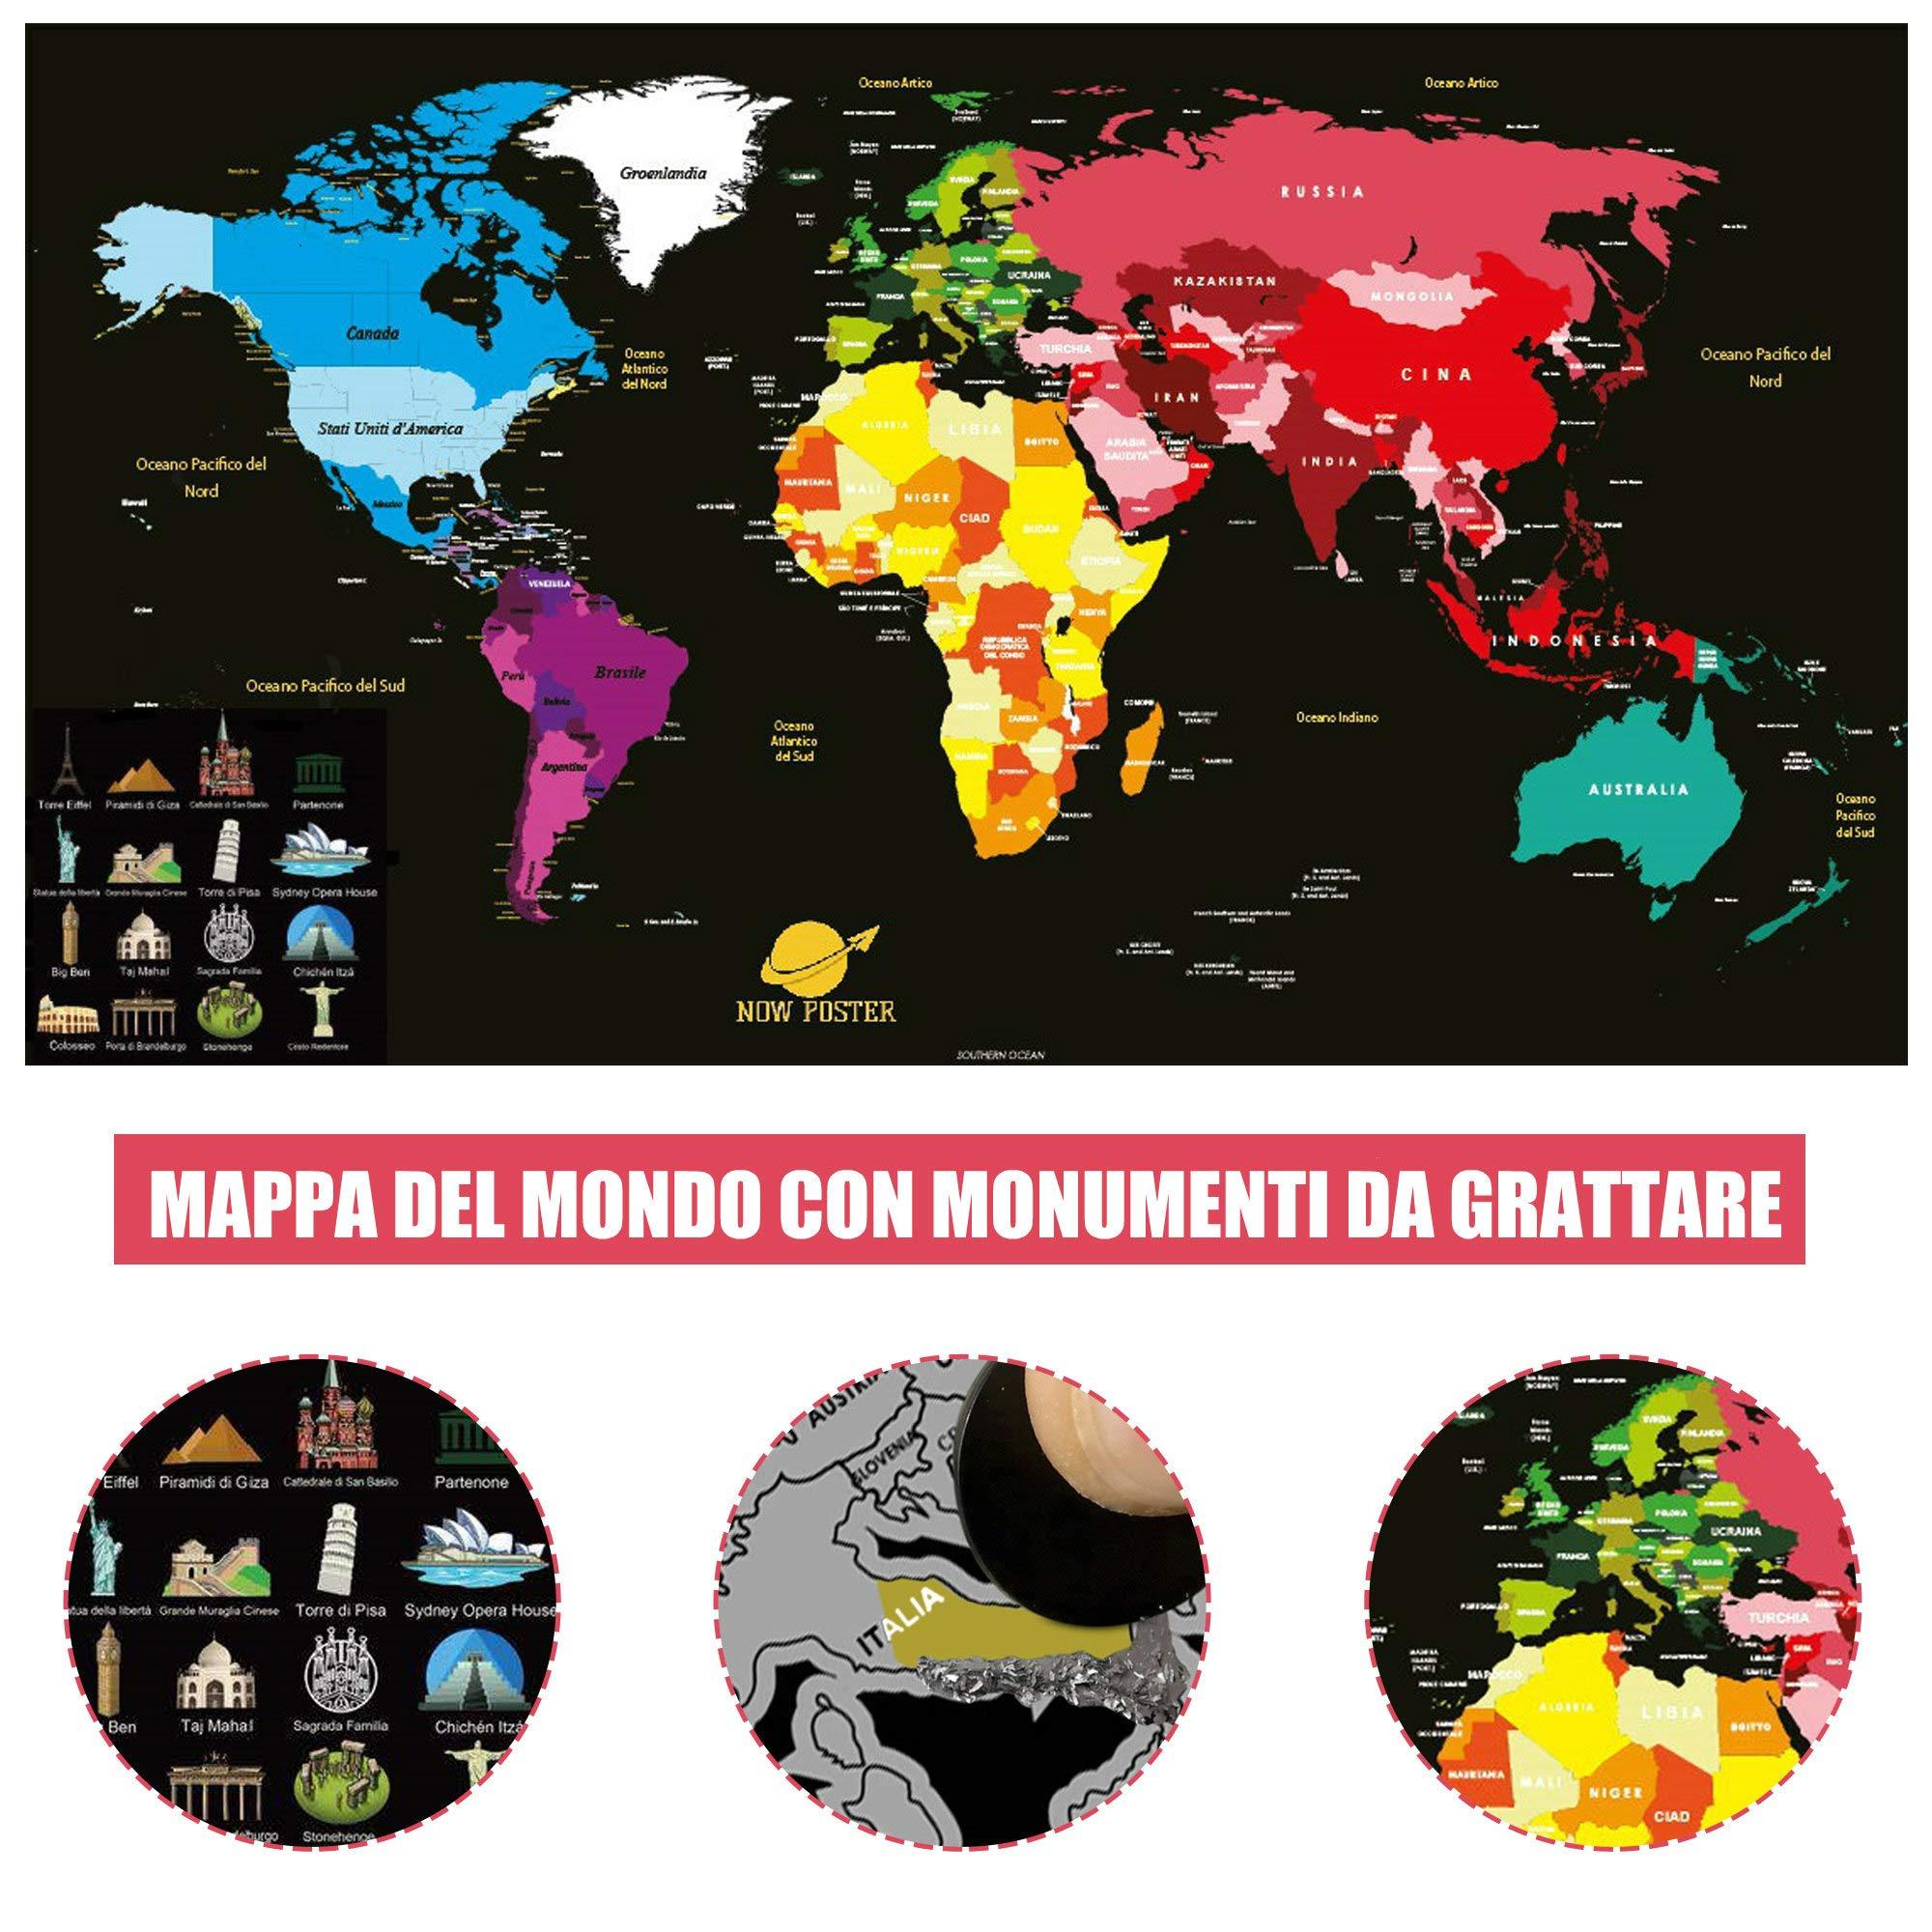 Cartina Mondo Gratta.Mappa Del Mondo Da Grattare Nowposter Cartina Geografica Planisfero Da Parete Con Europa Italia Scratch Map Art Mappamondo Politico Per Diario Di Viaggio Argento Nero 84 X 44 Cm Faceshopping